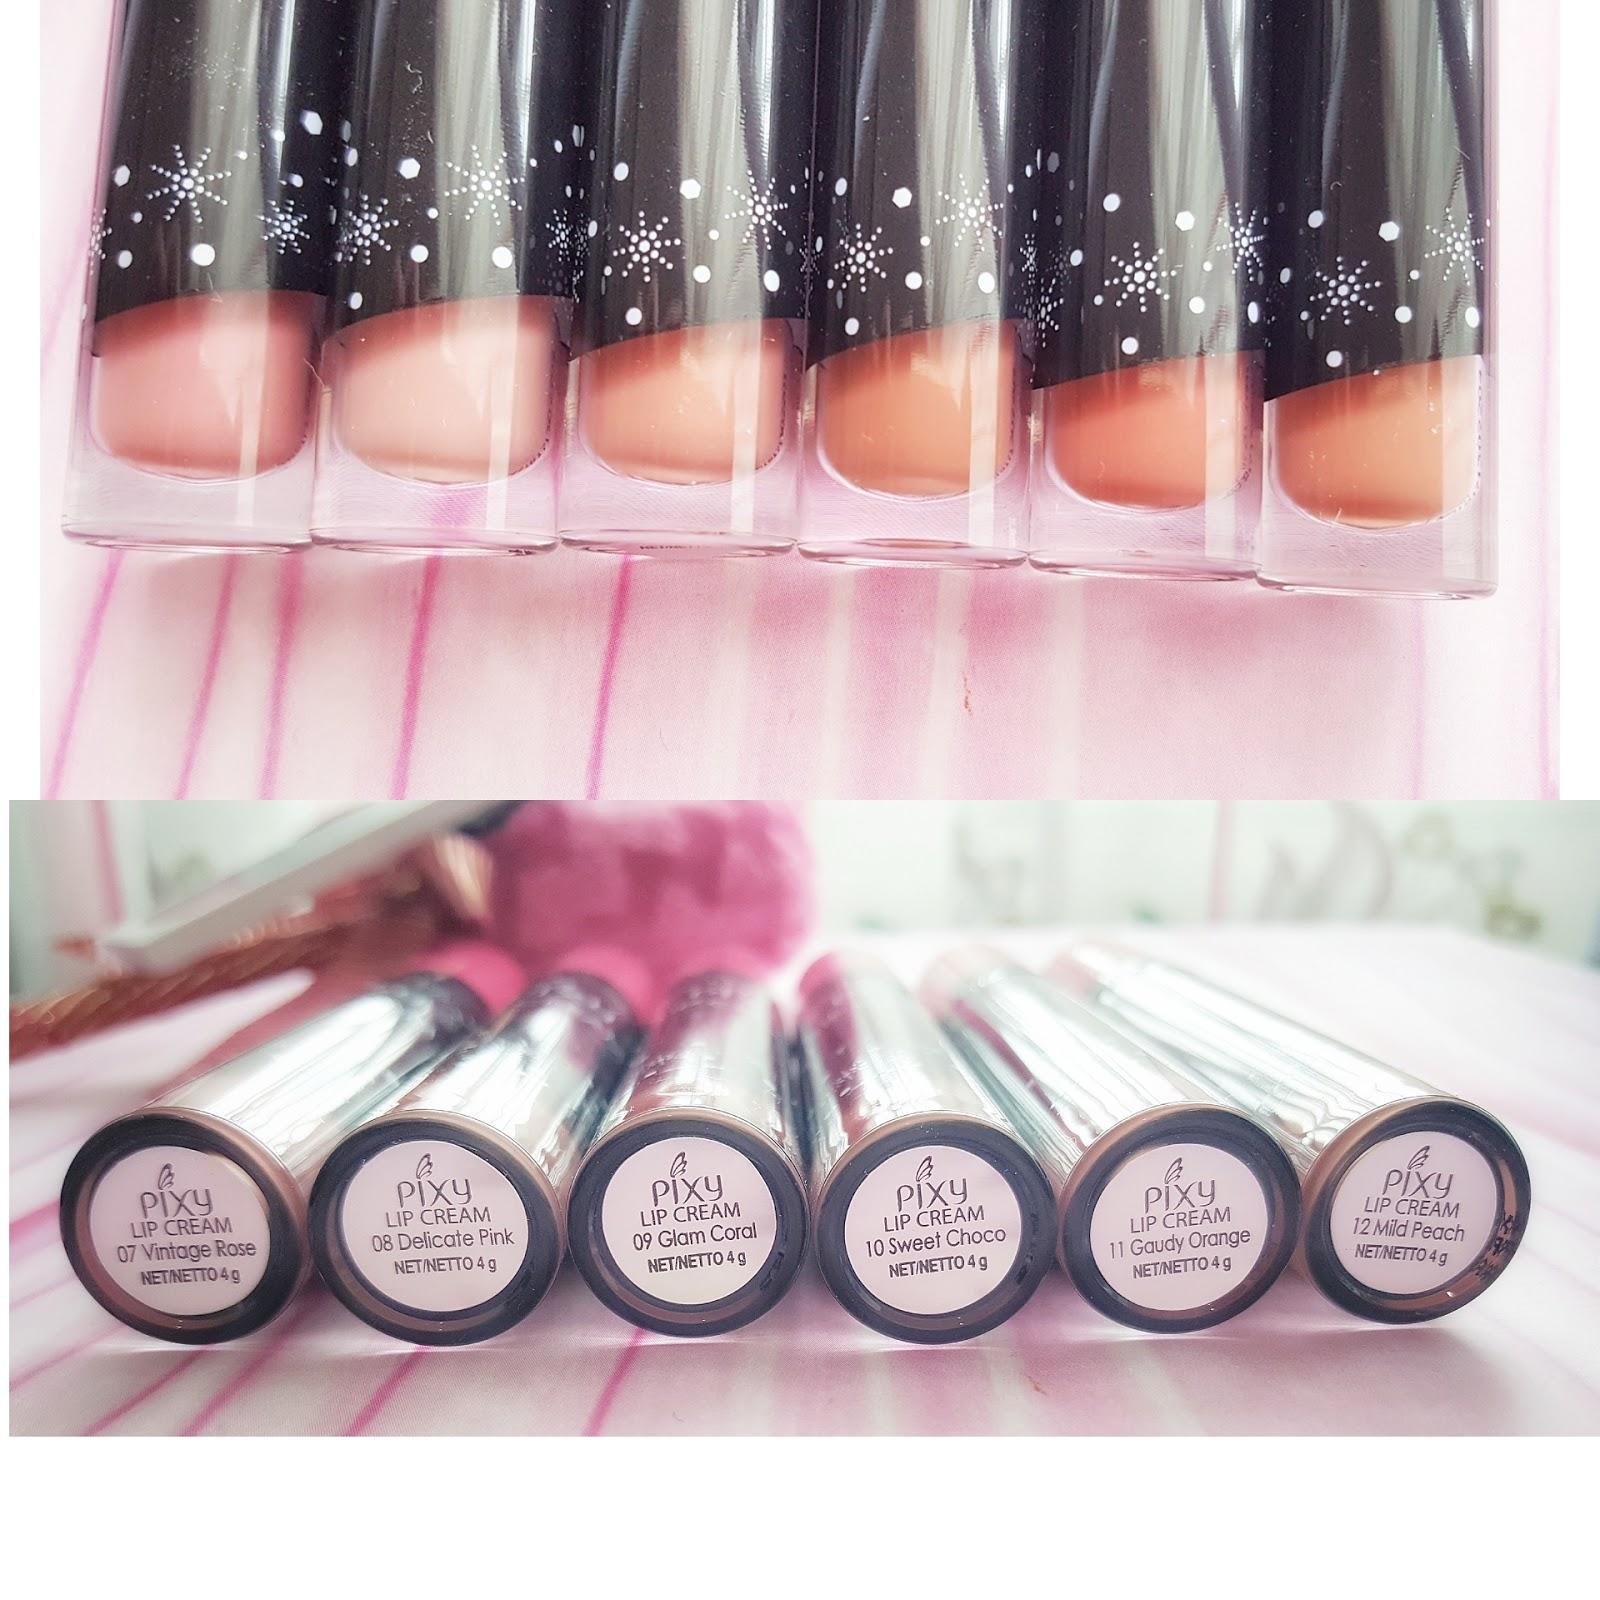 Pink Panther Lip Conditioner Pixy Kalian Bisa Lihat Kan 6 Warna Dari Cream Ini Mudah Sekali Dibaur Dan Hasilnya Cukup Netral Memberikan Kesan Tampilan Yang Beda